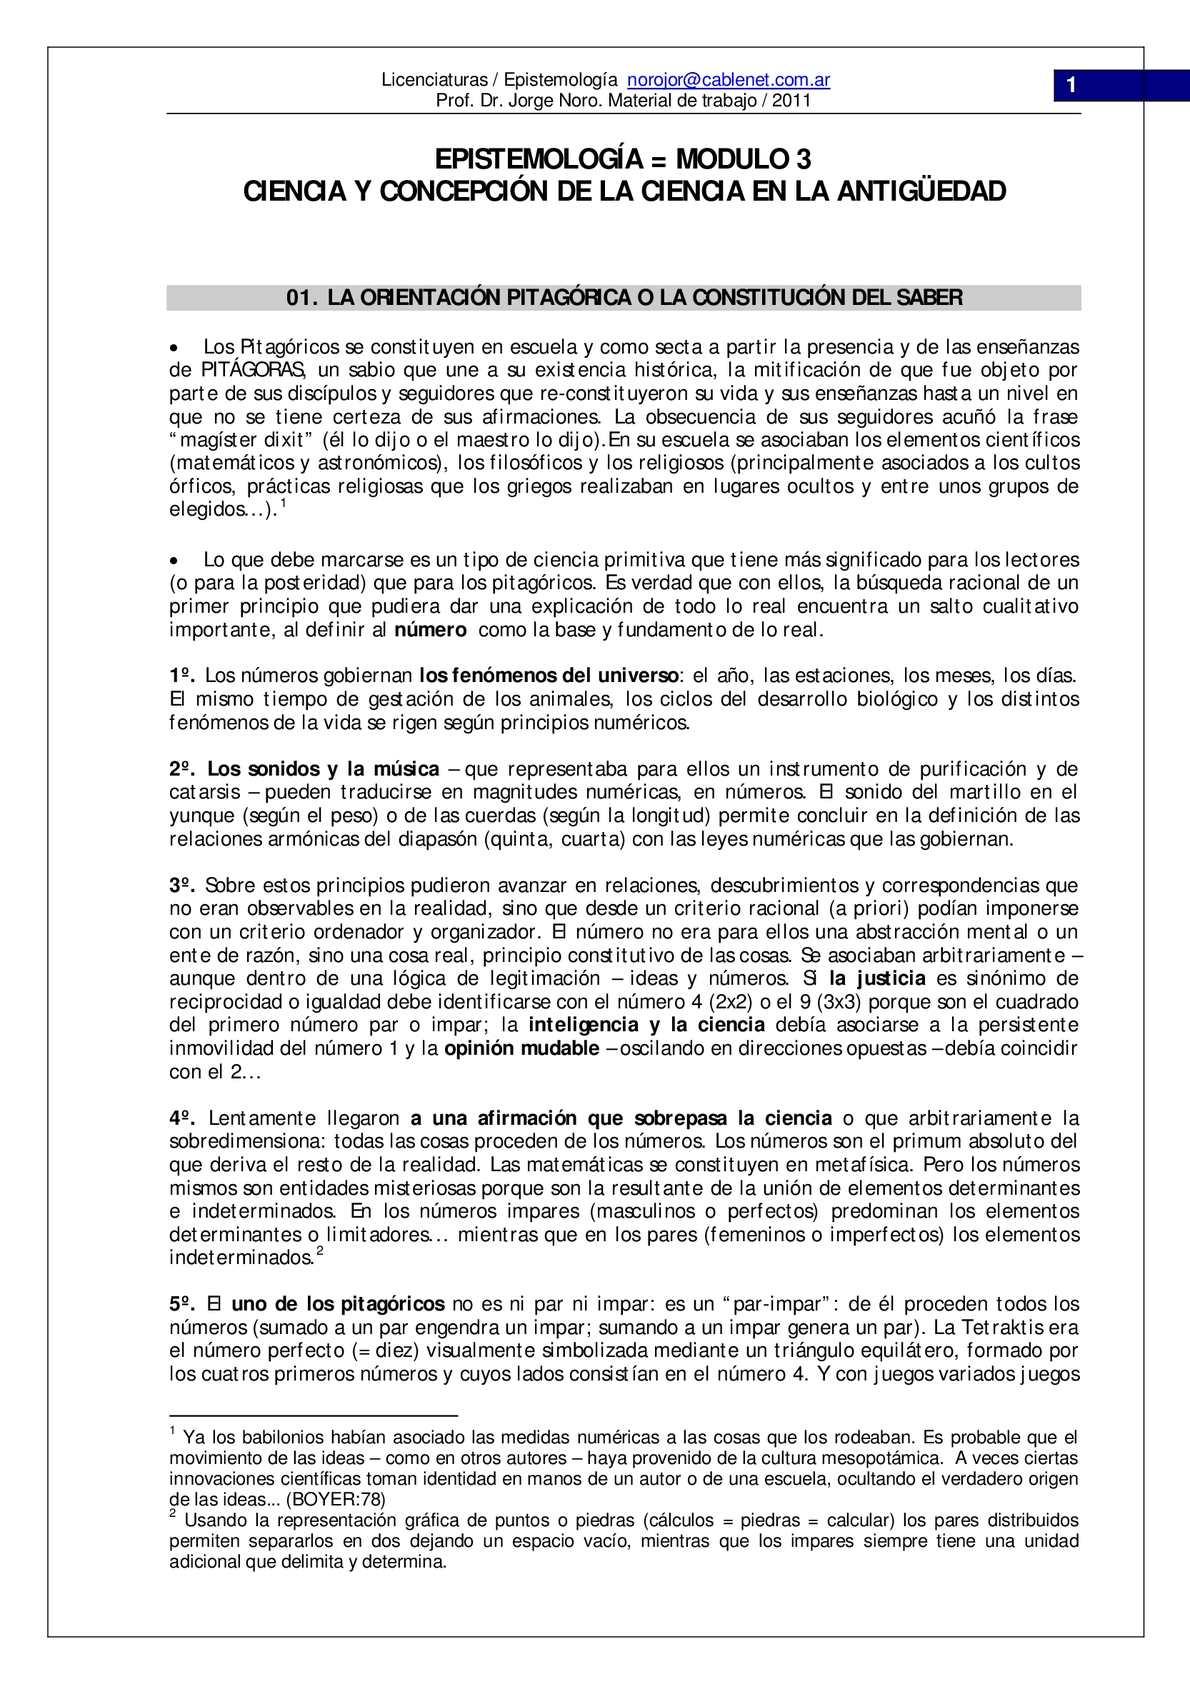 Calaméo - 045. CURSO DE EPISTEMOLOGIA. MODULO 3: CIENCIA EN LA ...